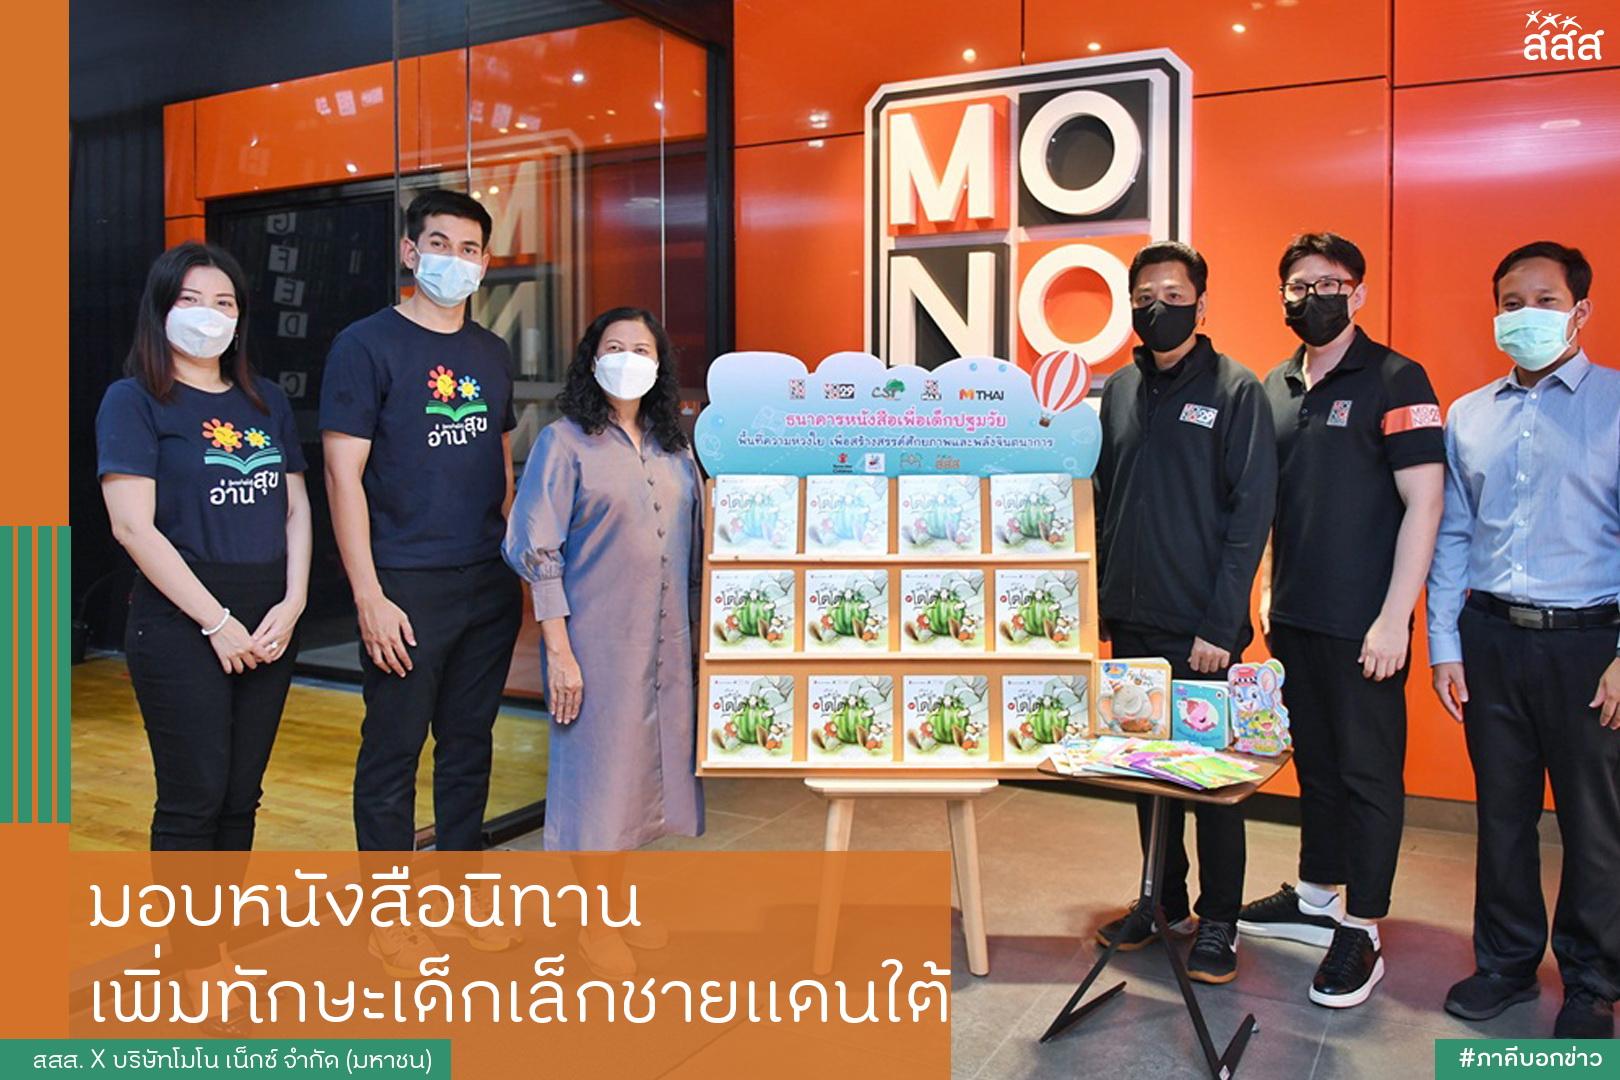 มอบหนังสือนิทาน เพิ่มทักษะเด็กเล็กชายแดนใต้ thaihealth